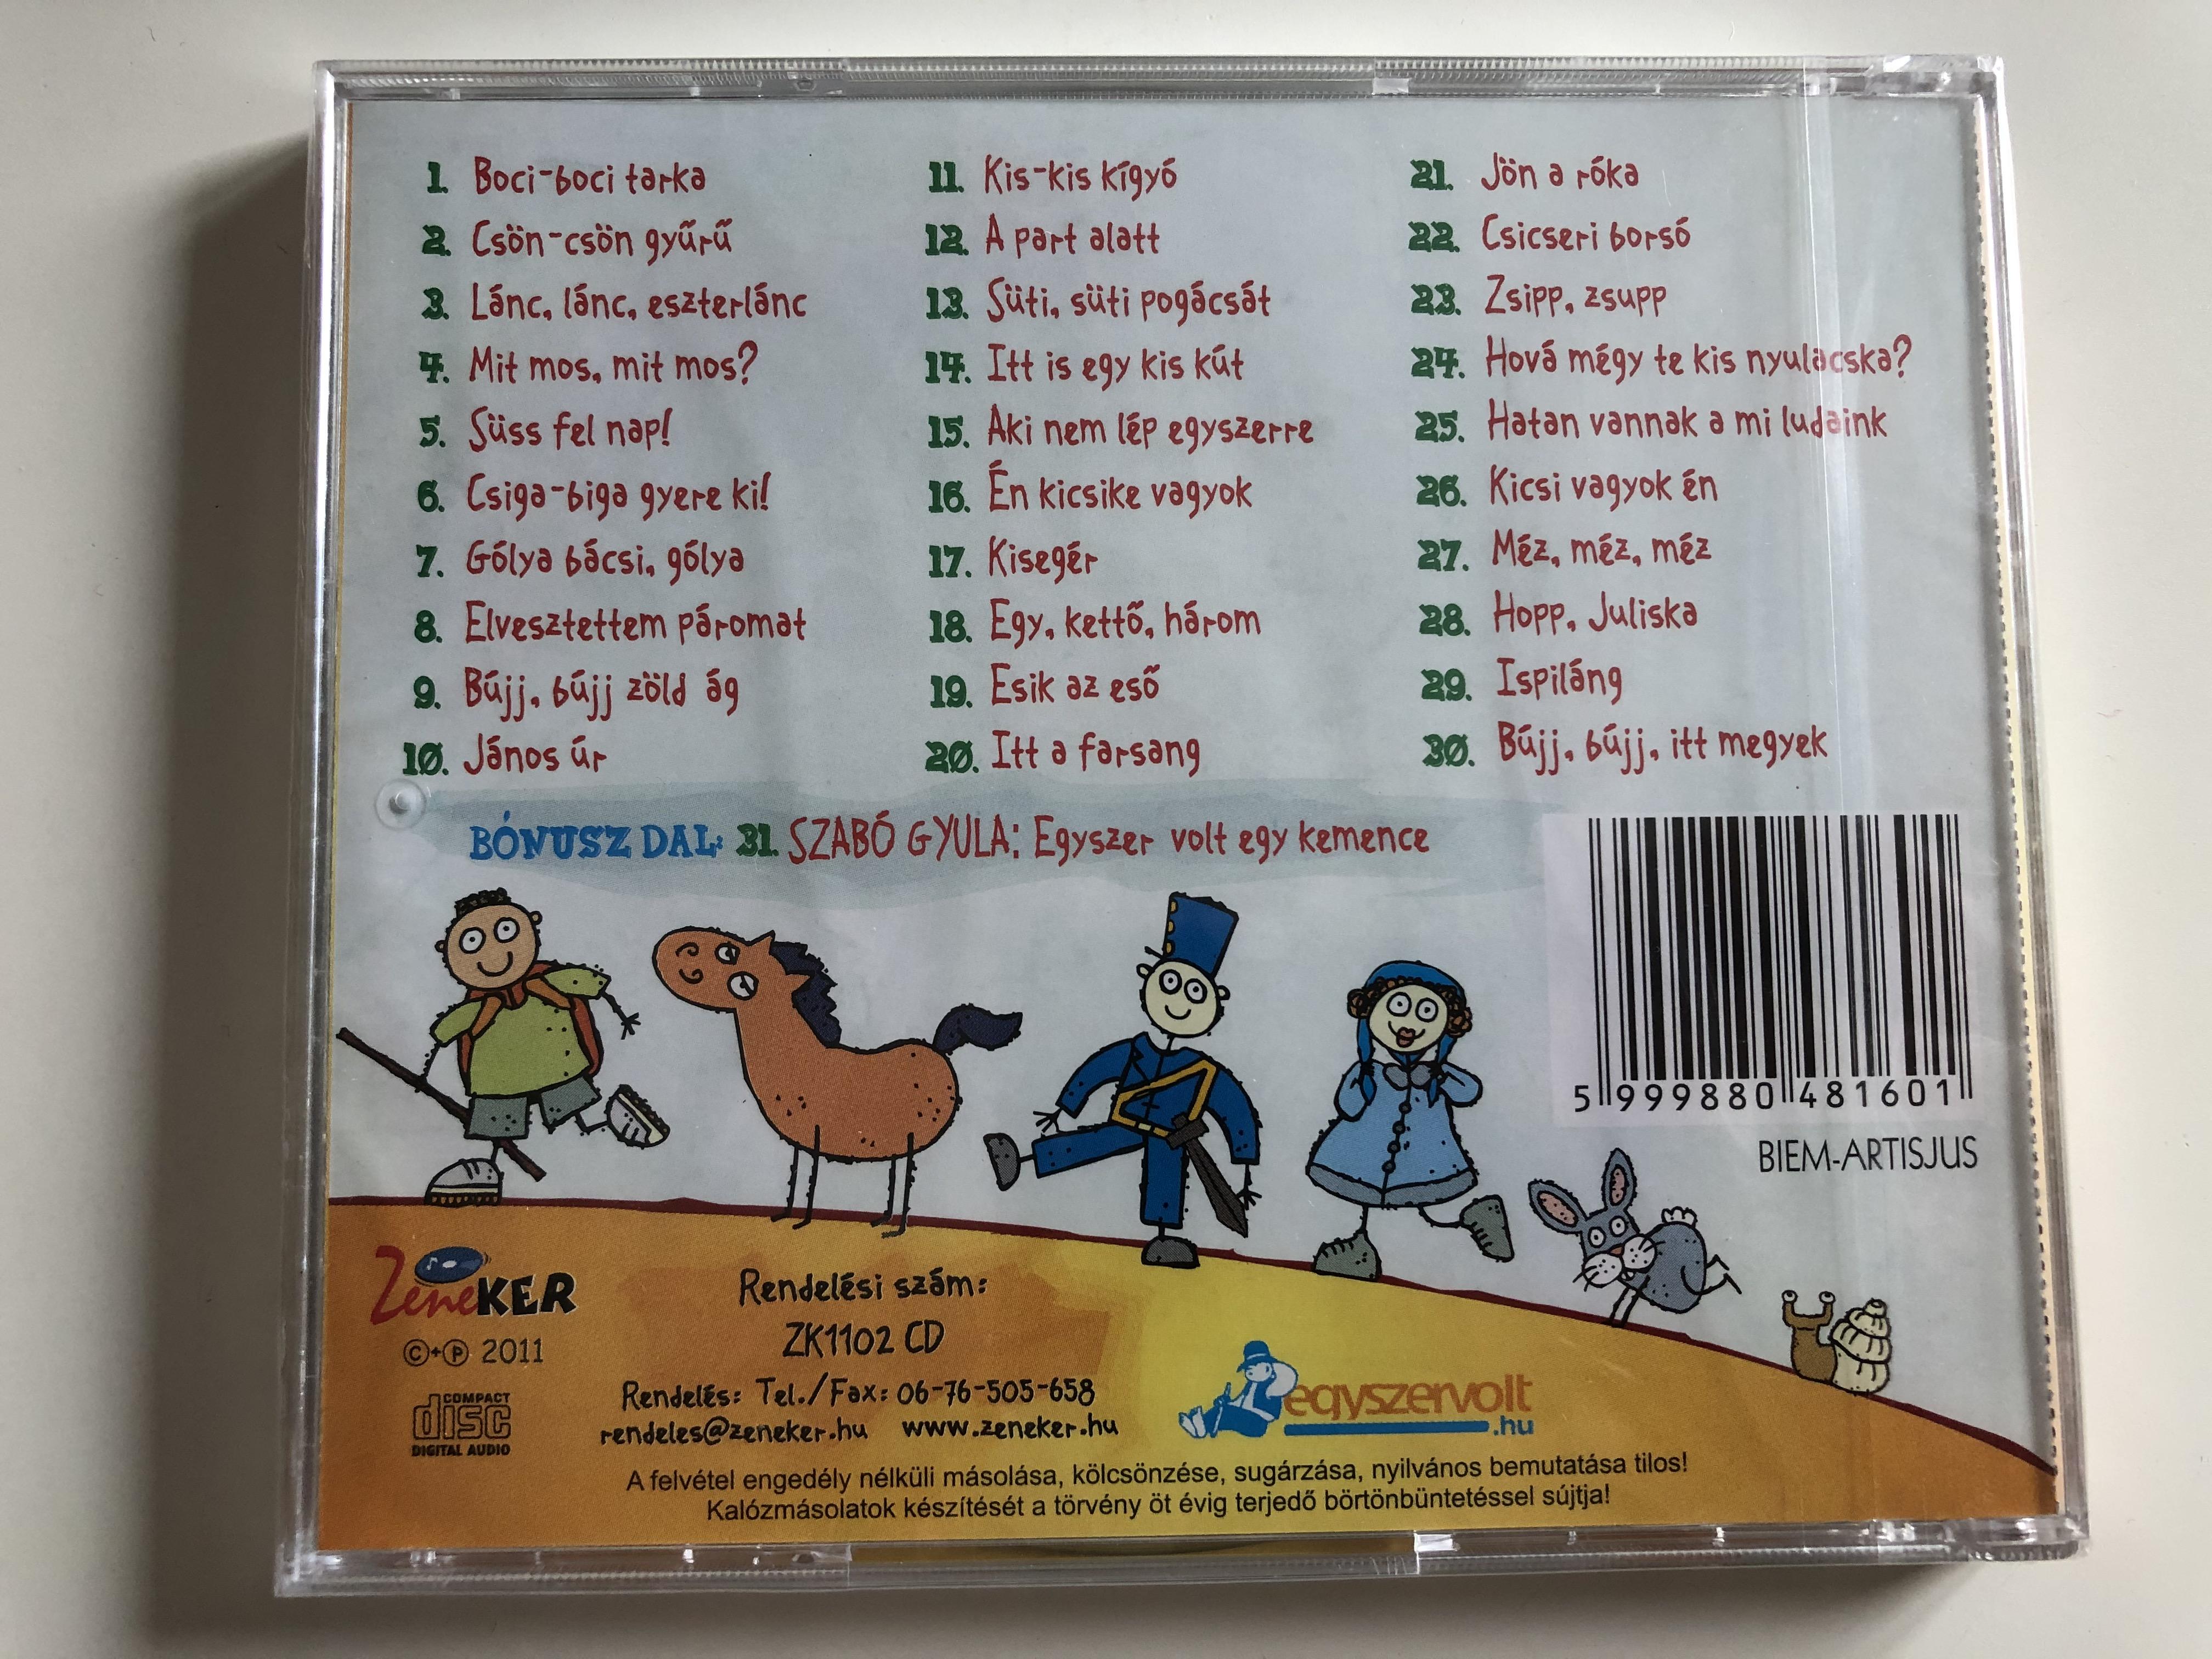 magyar-ovodas-dalok-aranyalbuma-bujj-bujj-zold-ag-boci-boci-tarka-zsipp-zsupp-suss-fel-nap...-bonusz-dal-egyszer-volt-egy-kemence-enekli-szabo-gyula-zeneker-audio-cd-2011-zk1102-cd-1.jpg